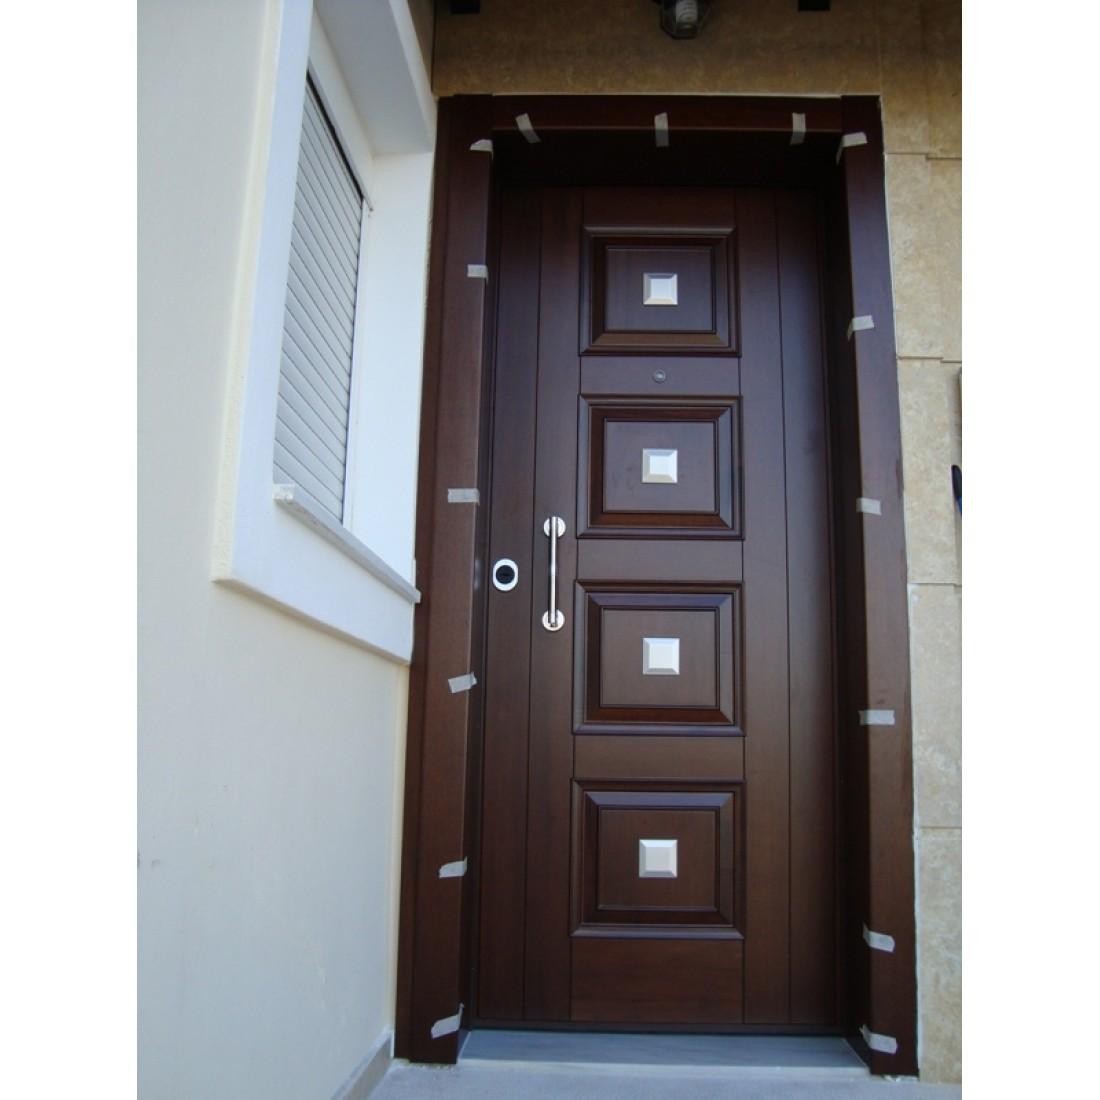 Θωρακισμένες πόρτες ασφαλείας με χειροποίητα και ίνοξ σχέδια